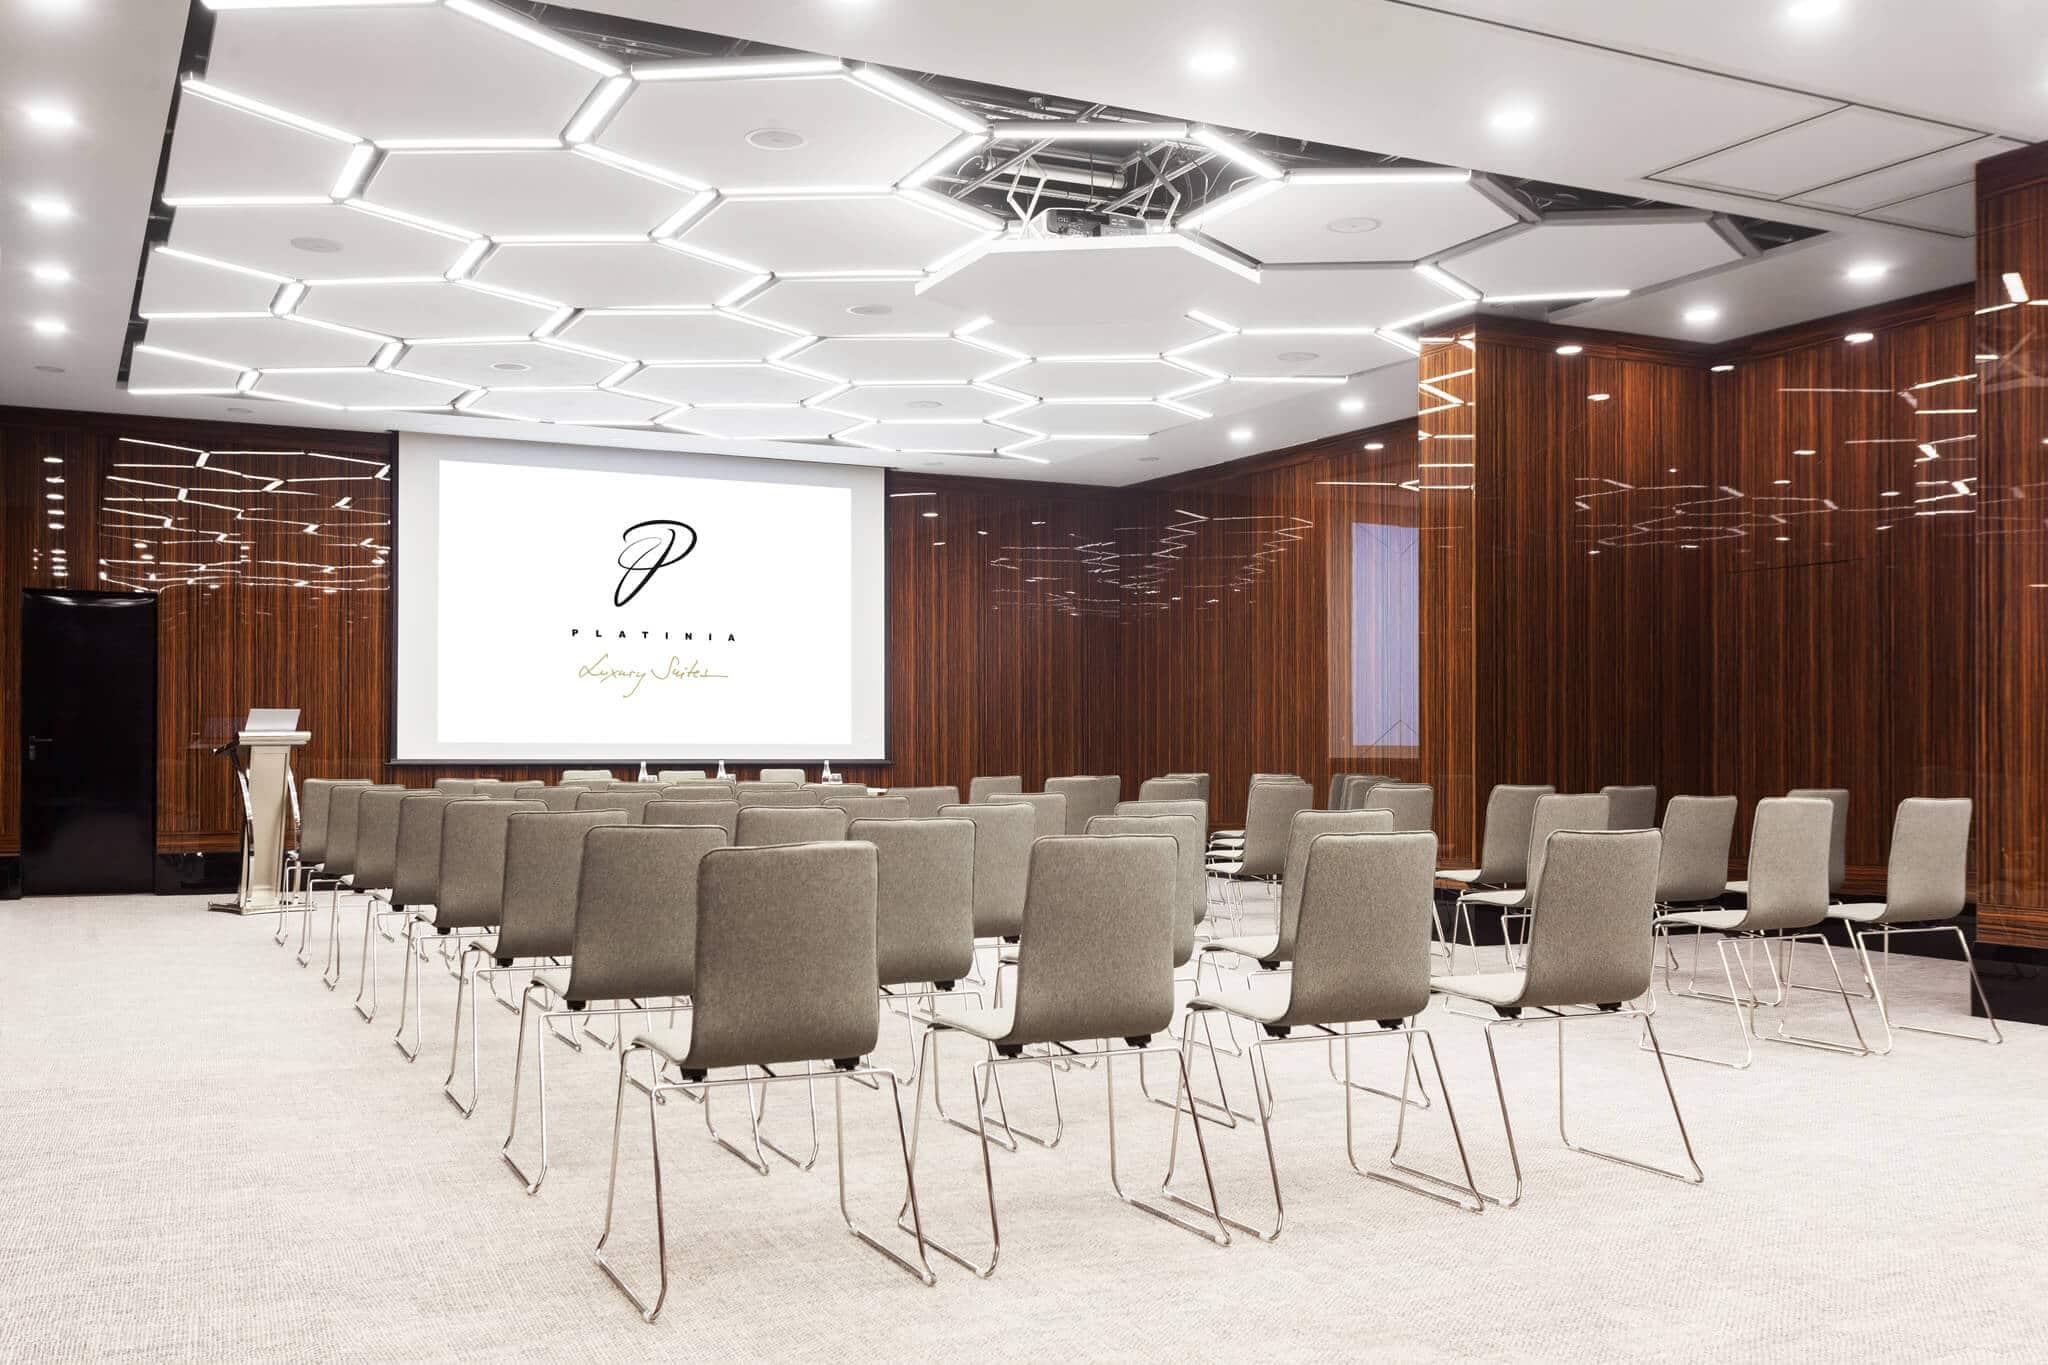 The Da Vinci Conference Room